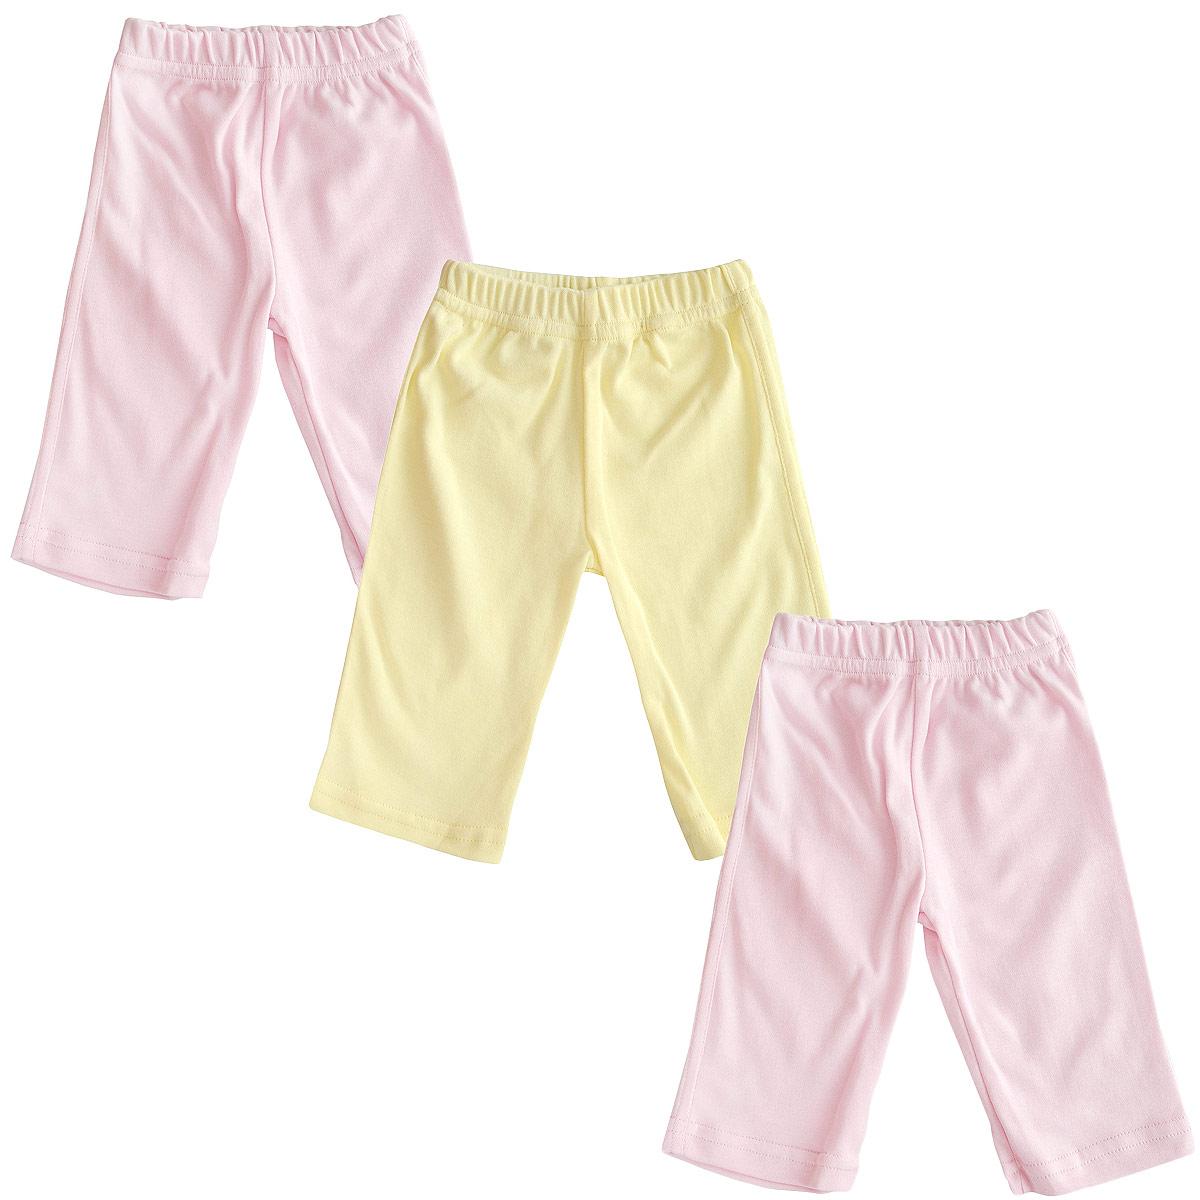 Штанишки Фреш Стайл штанишки для девочки фреш стайл цвет в ассортименте 3 шт 37 560д размер 68 6 месяцев